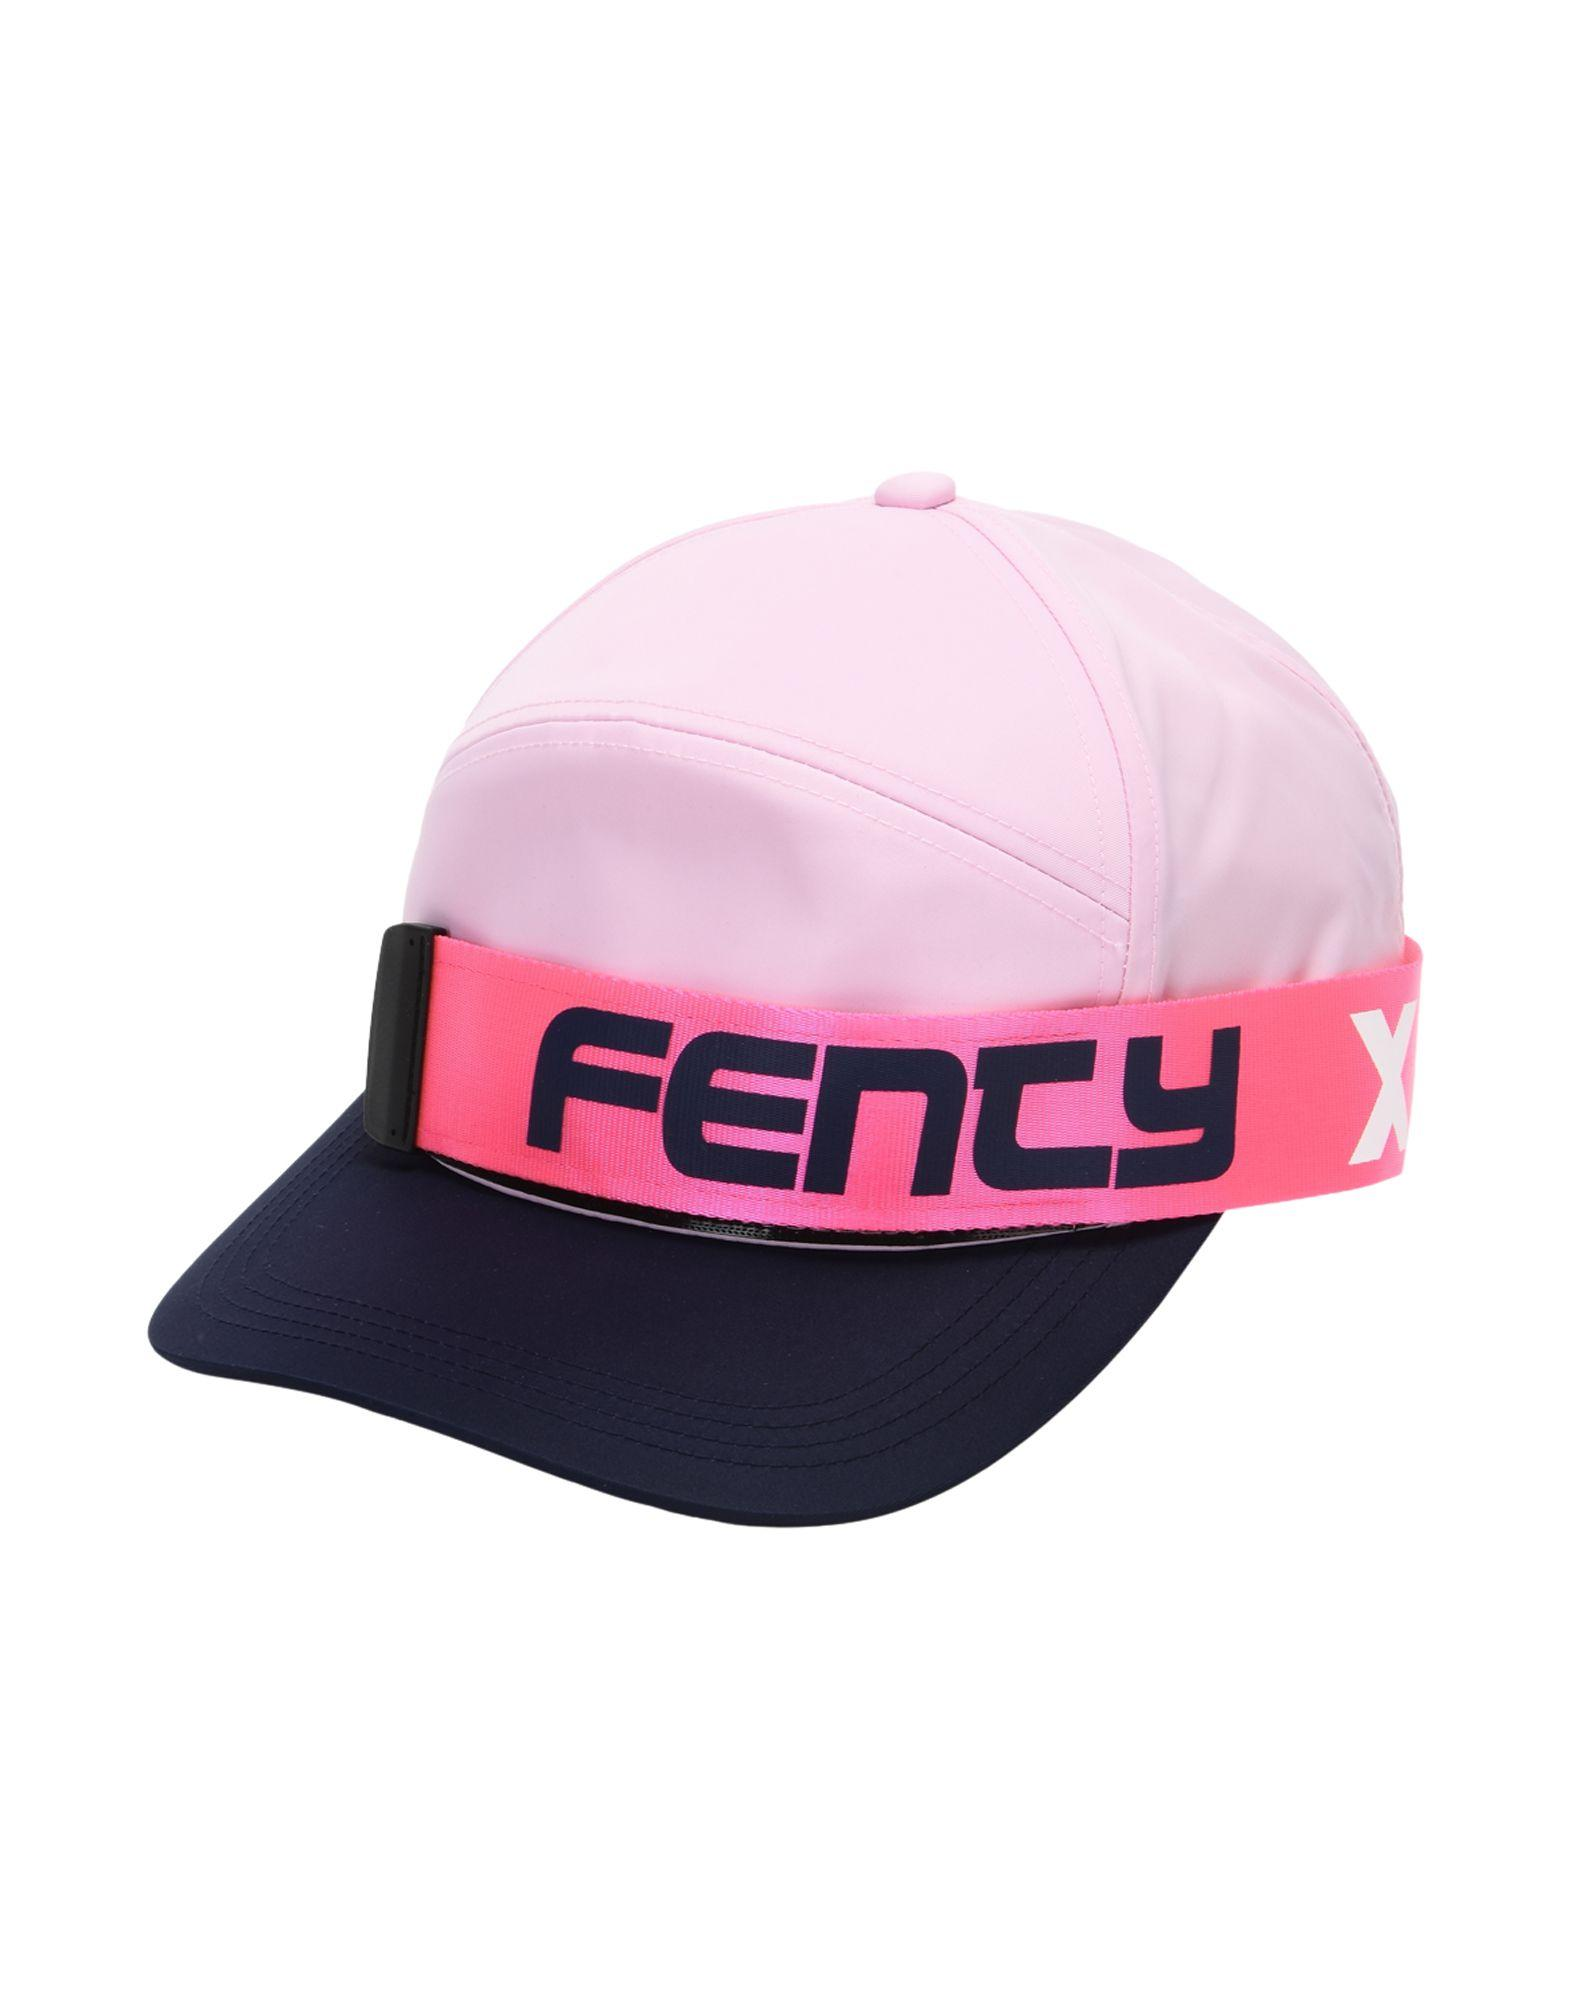 1f9ddc4f Fenty X Puma Hat In Pink | ModeSens